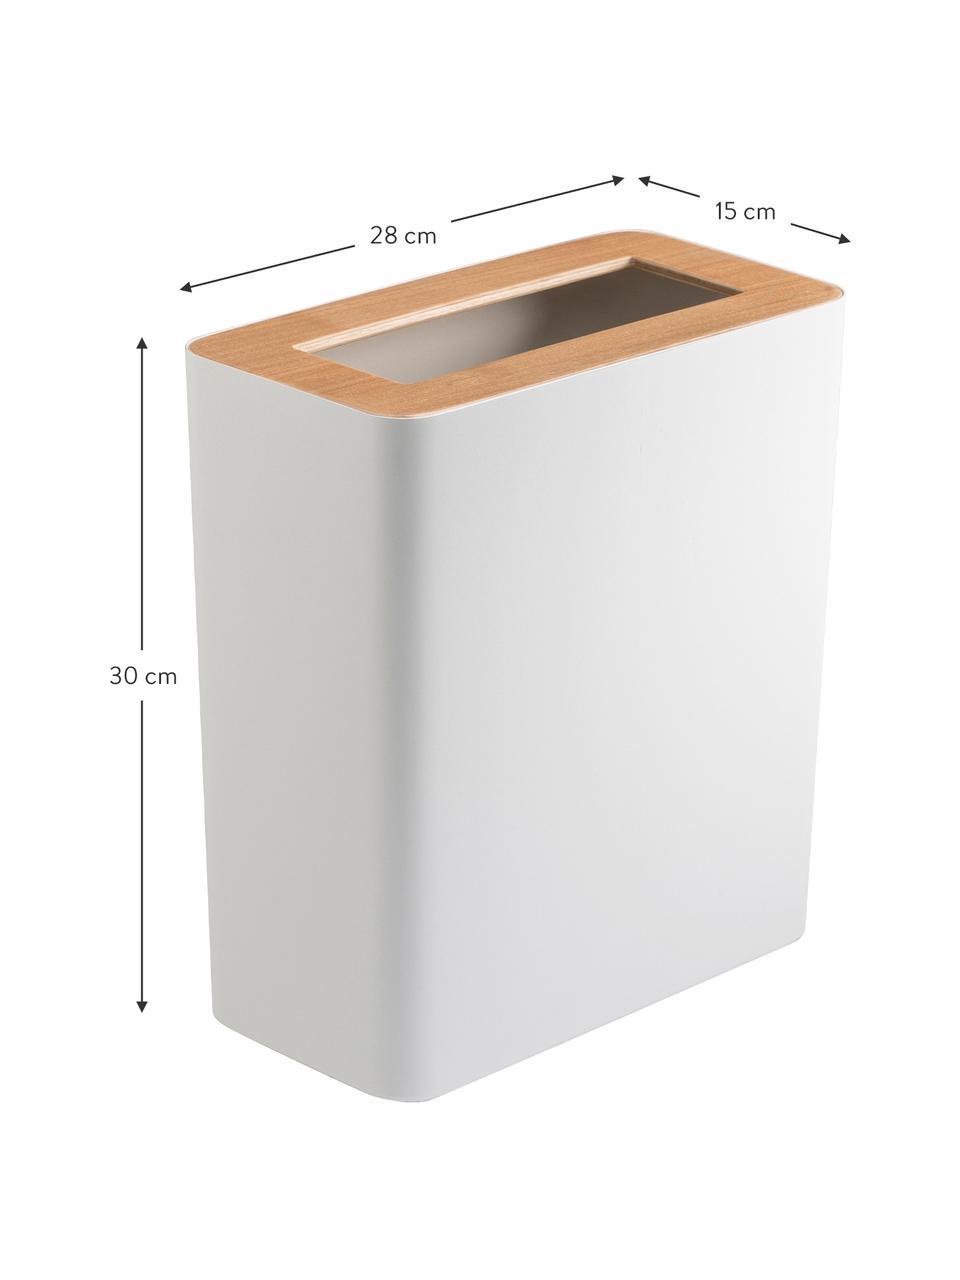 Papierkorb Rin aus lackiertem Stahl, Deckel: Holz, Weiß, Dunkelbraun, B 28 x H 30 cm